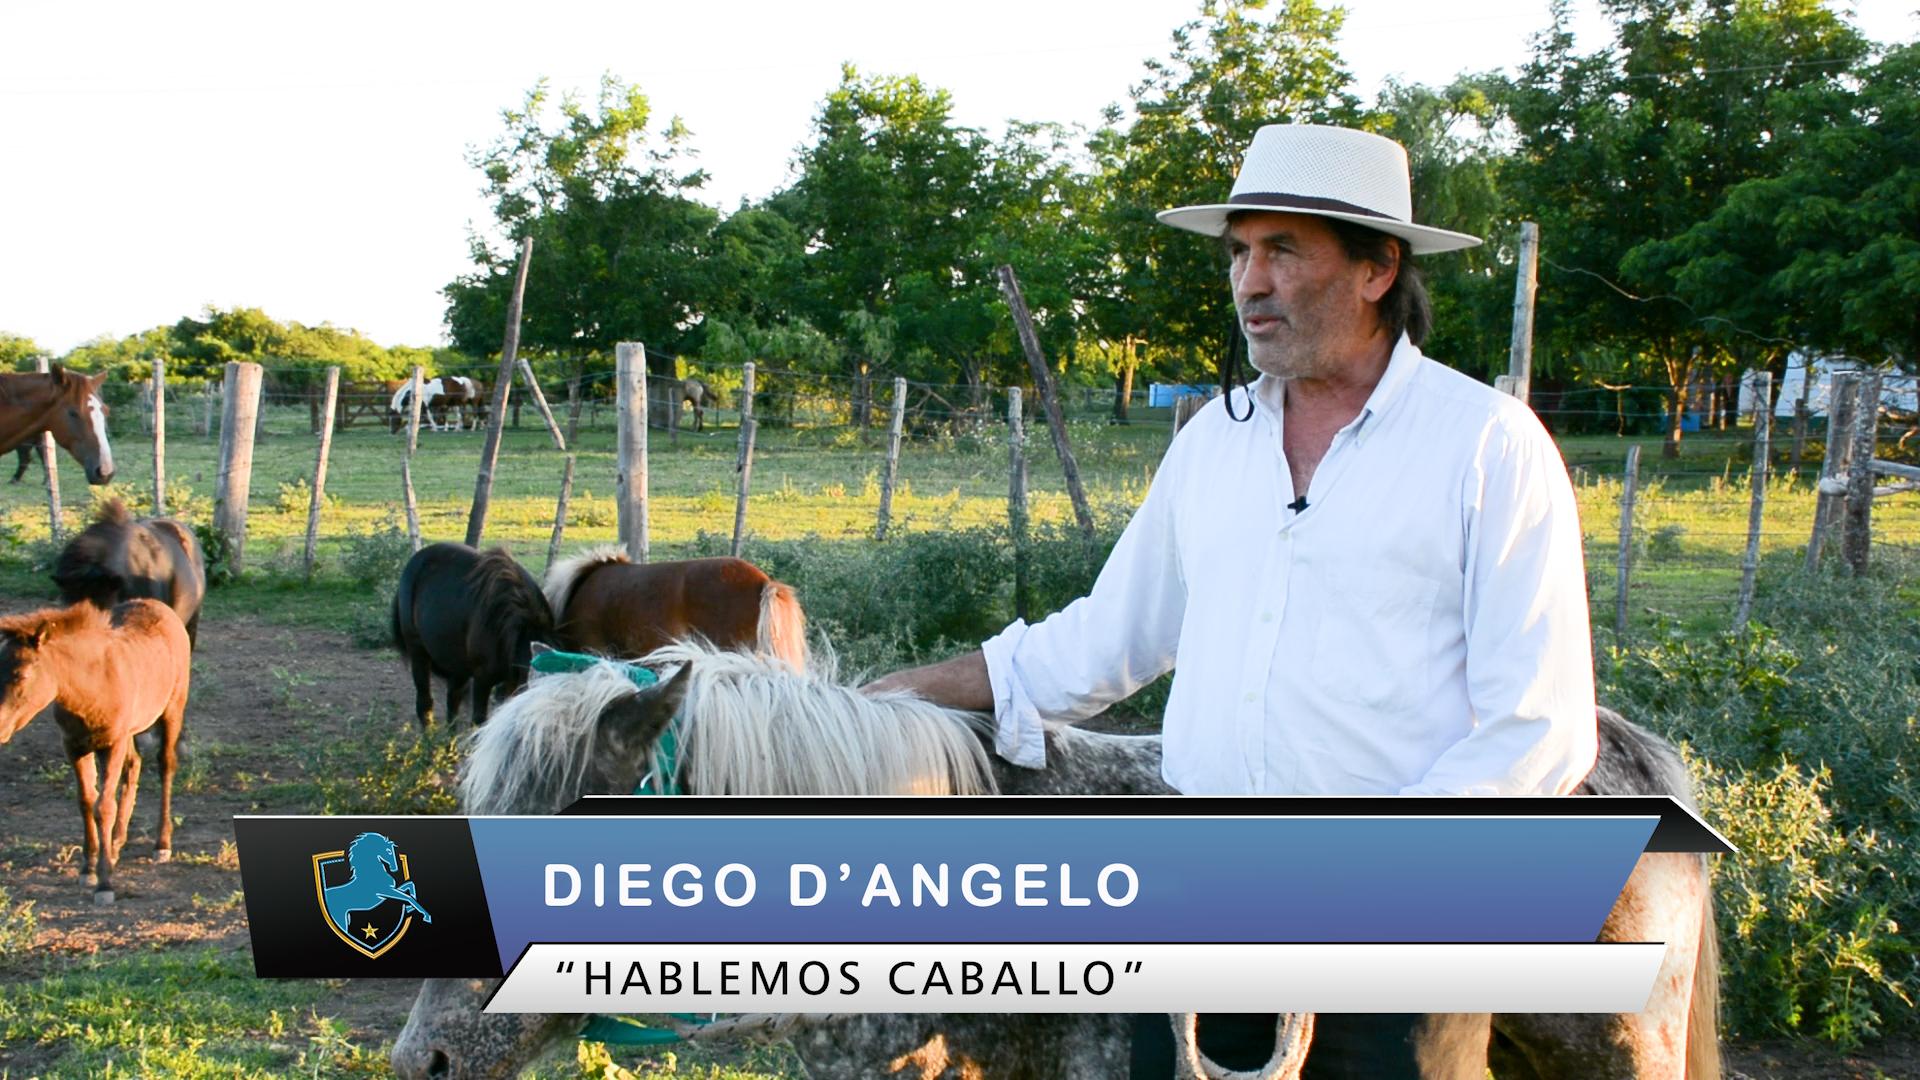 Diego Dangelo